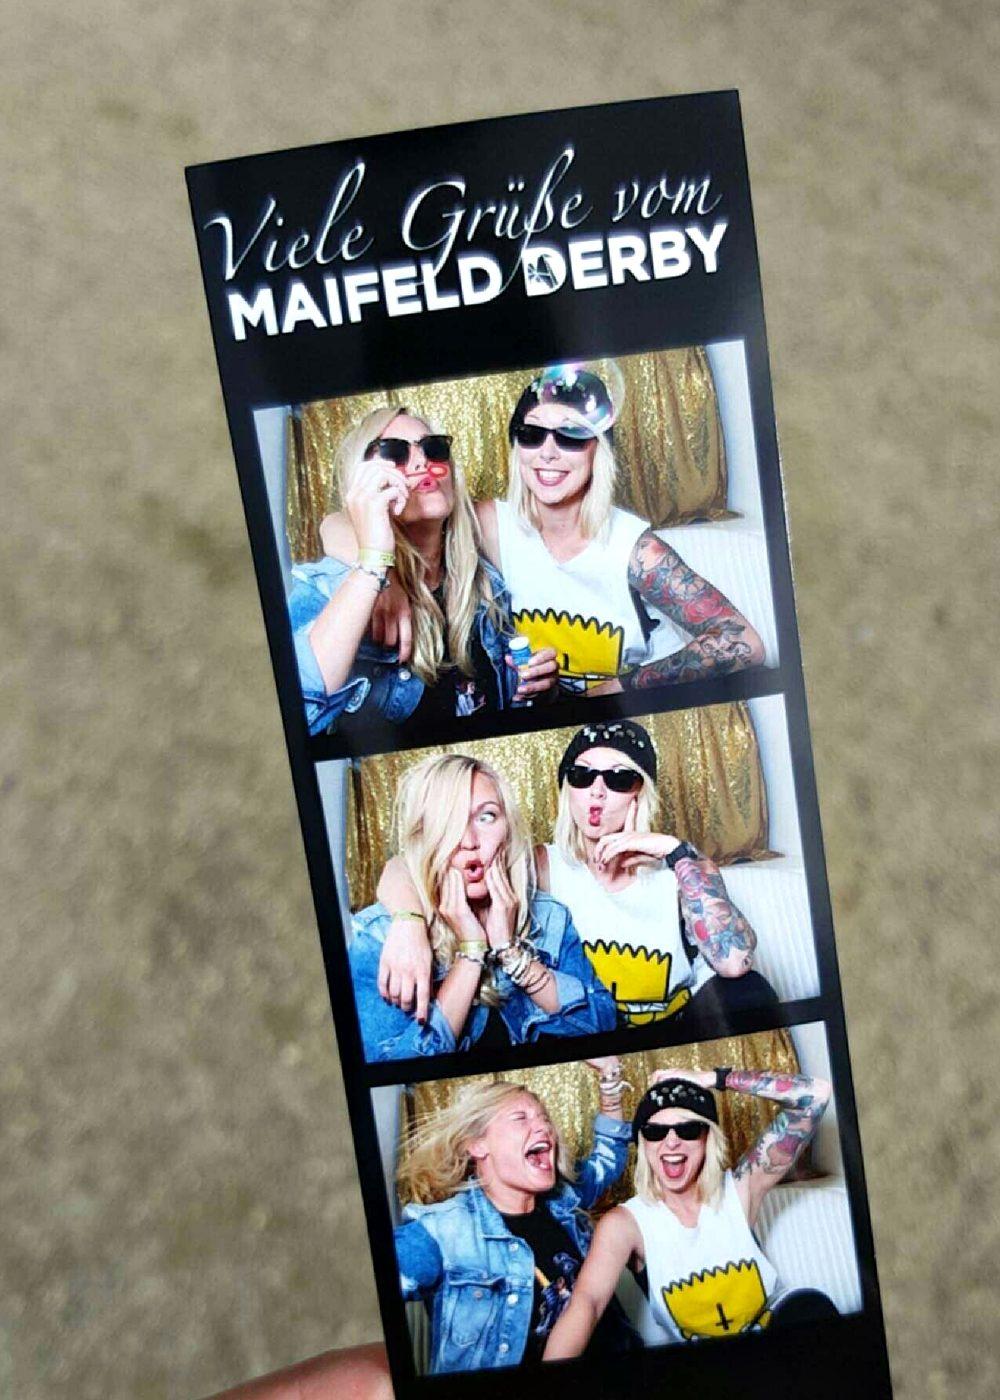 Festivalblogger Maifeld Derby Mannheim 2016 Fotobox Bilder 2